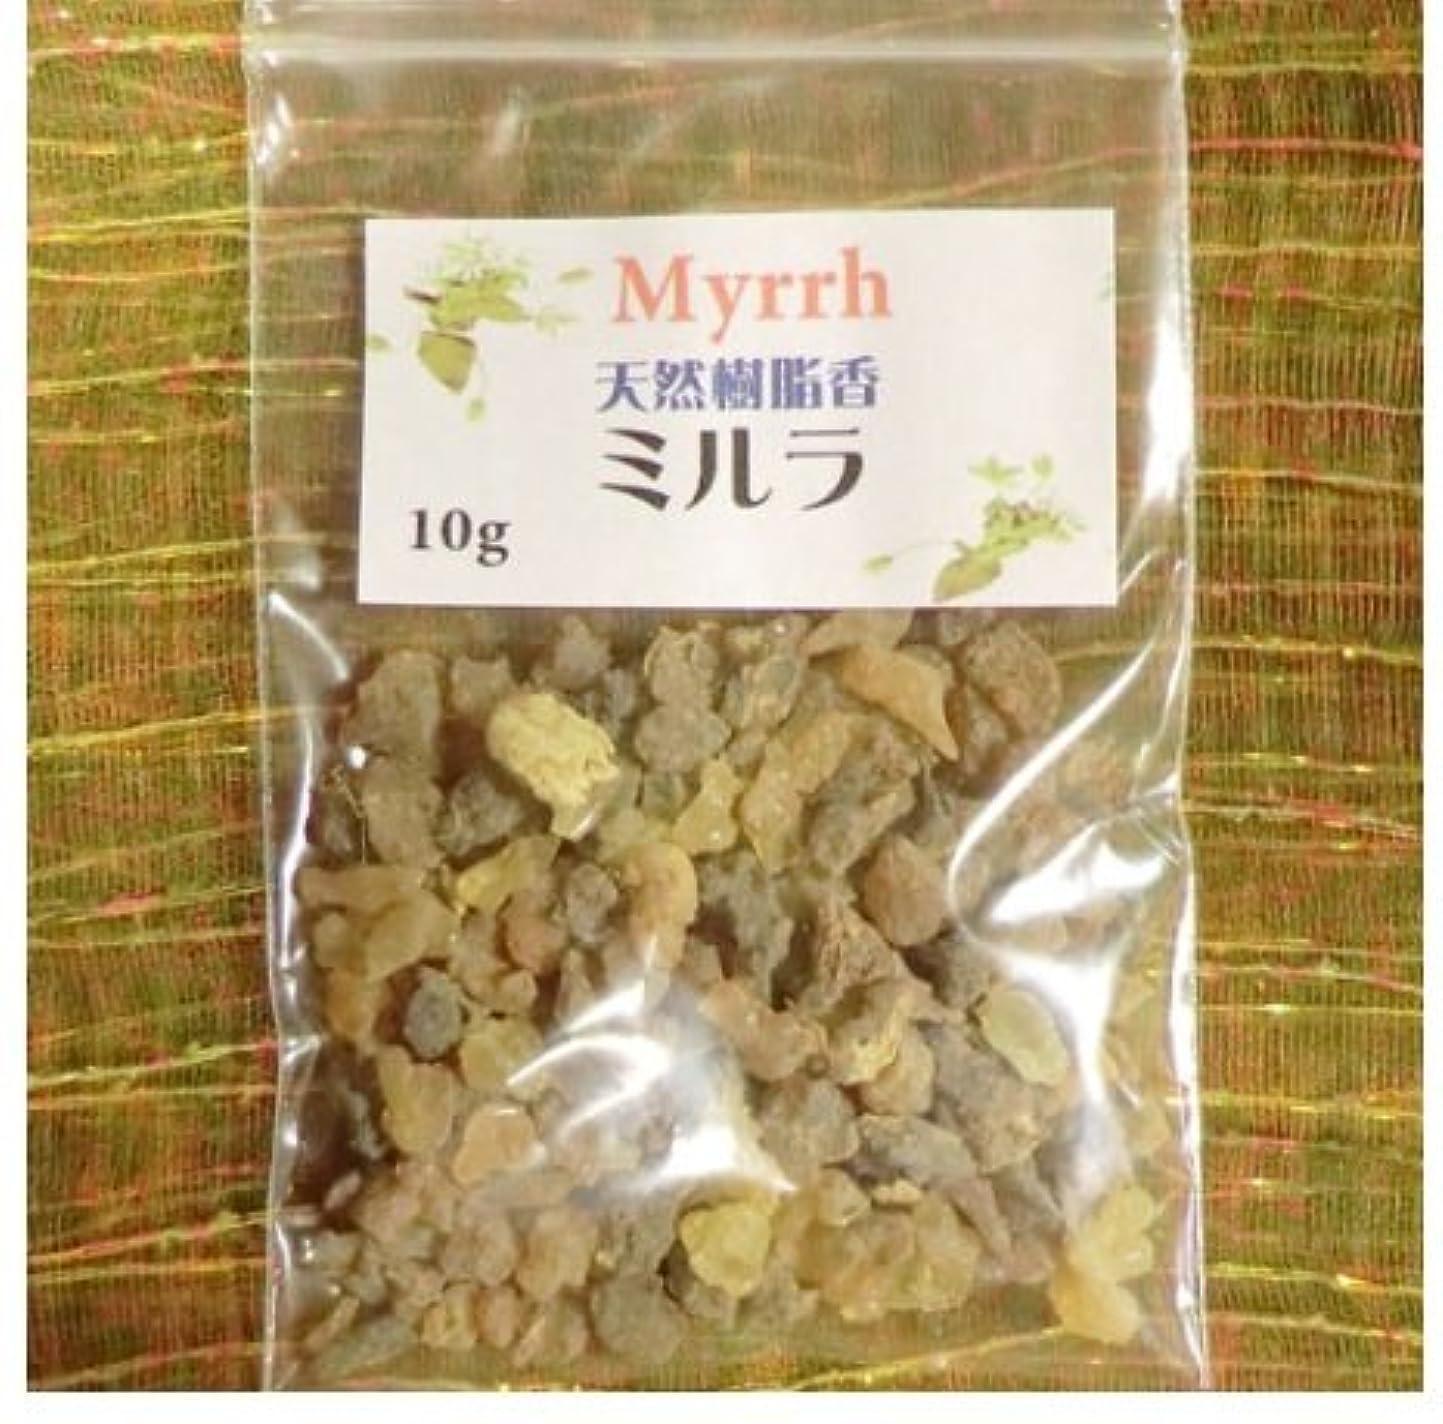 ドライブ家事をする祝福ミルラ Myrrh (没薬) 天然樹脂香 10g (ミルラ)